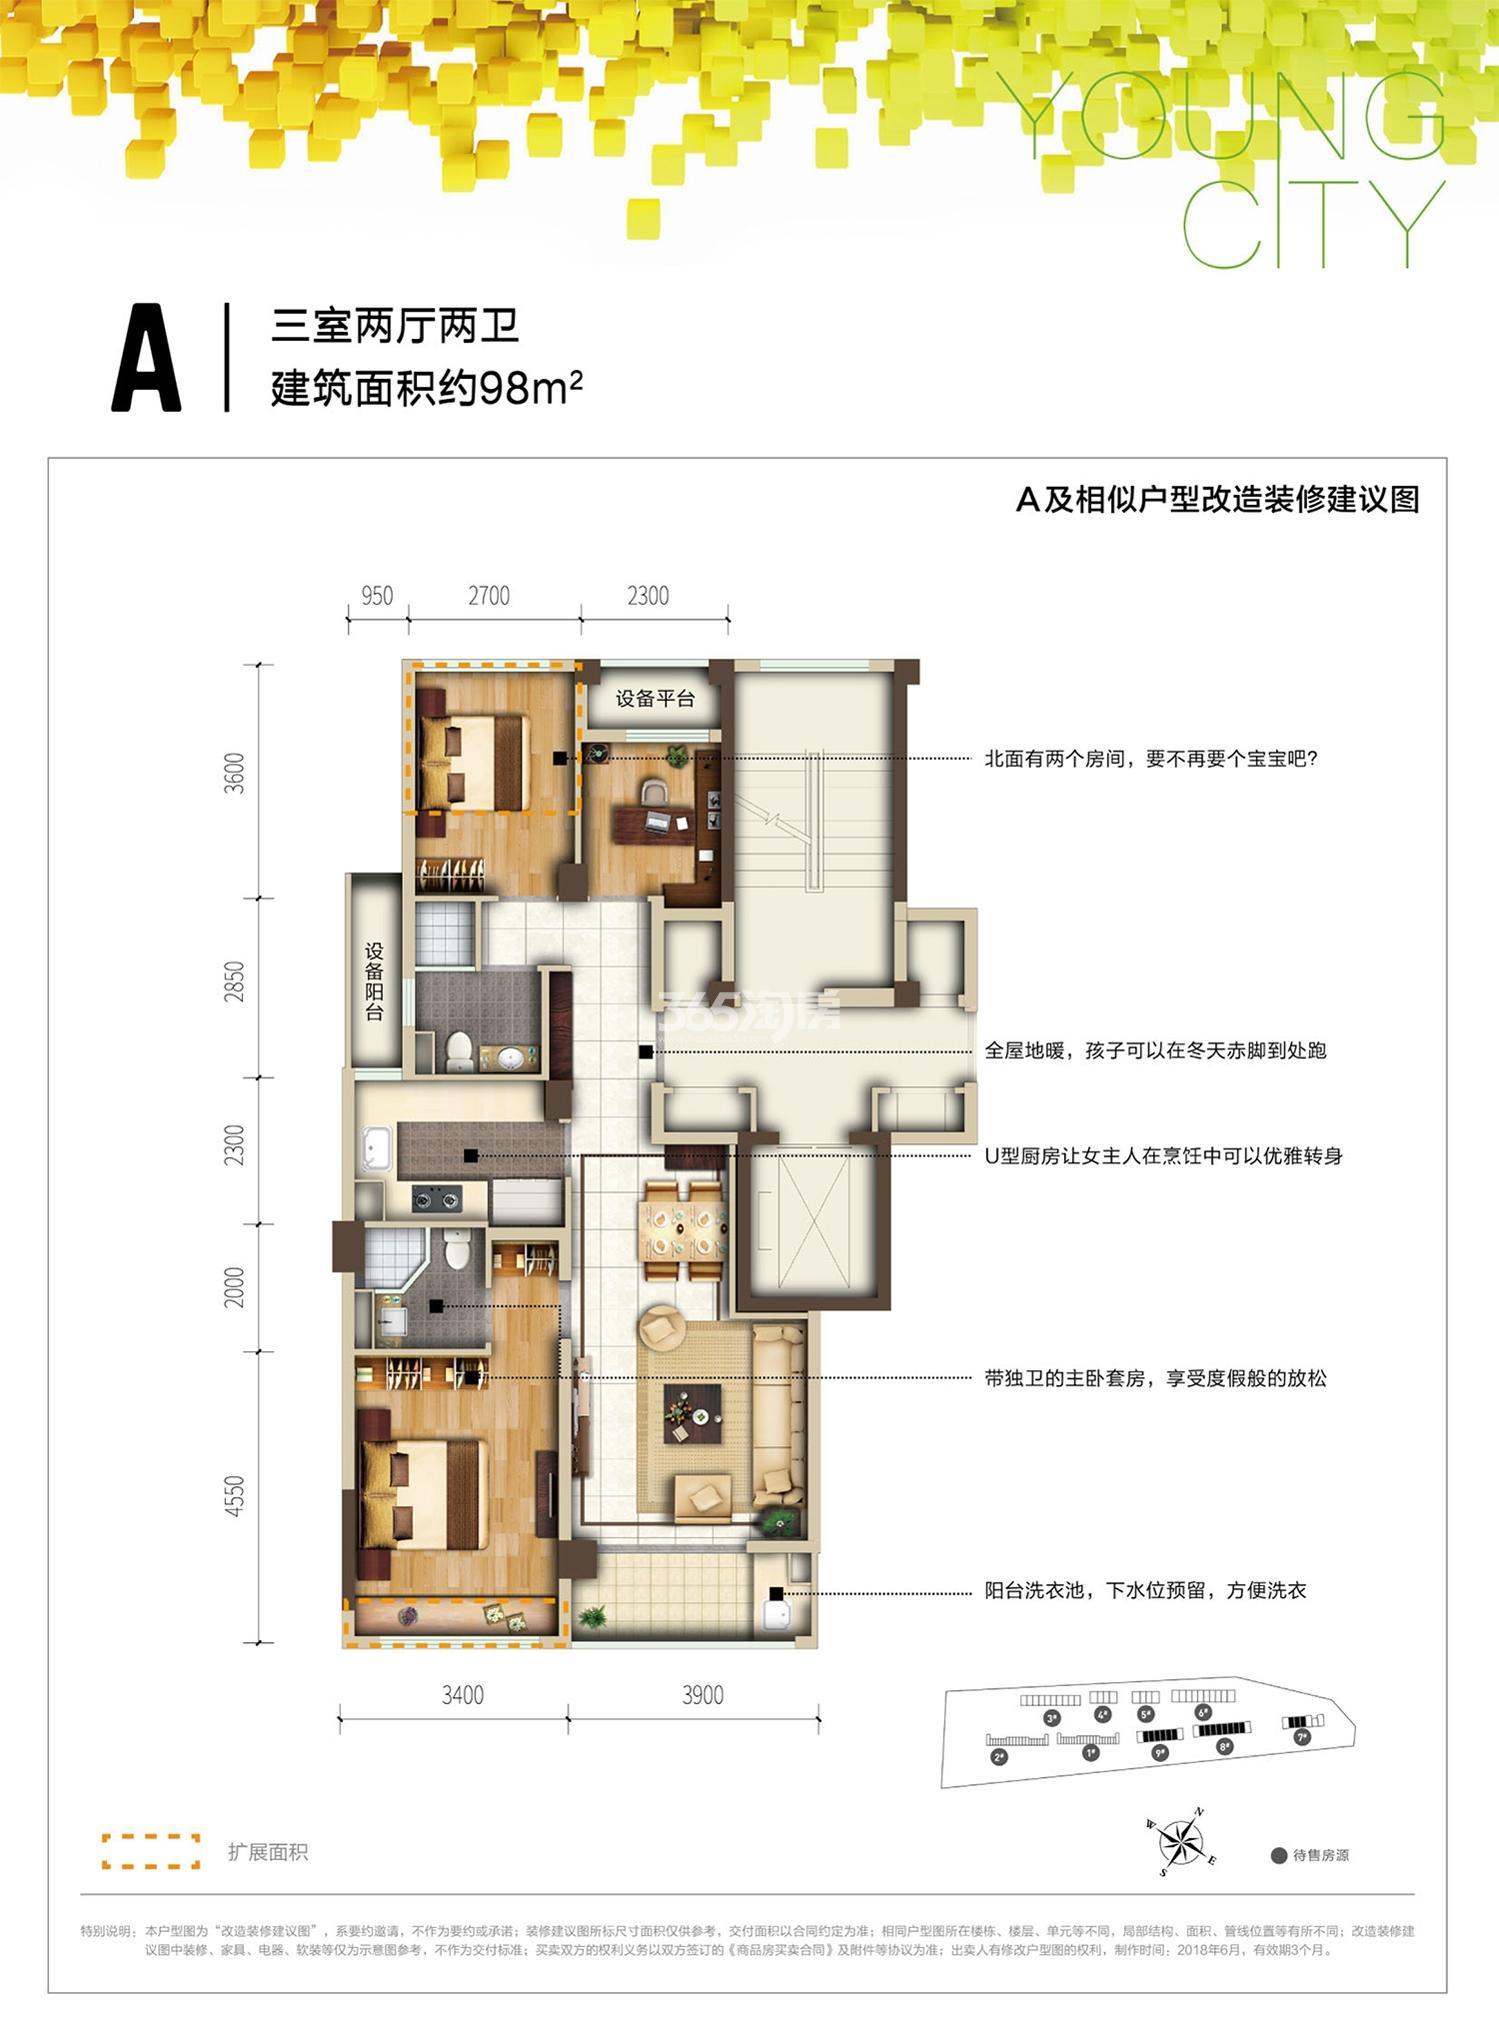 地铁绿城杨柳郡四期A户型约98㎡(8、9#中间套)